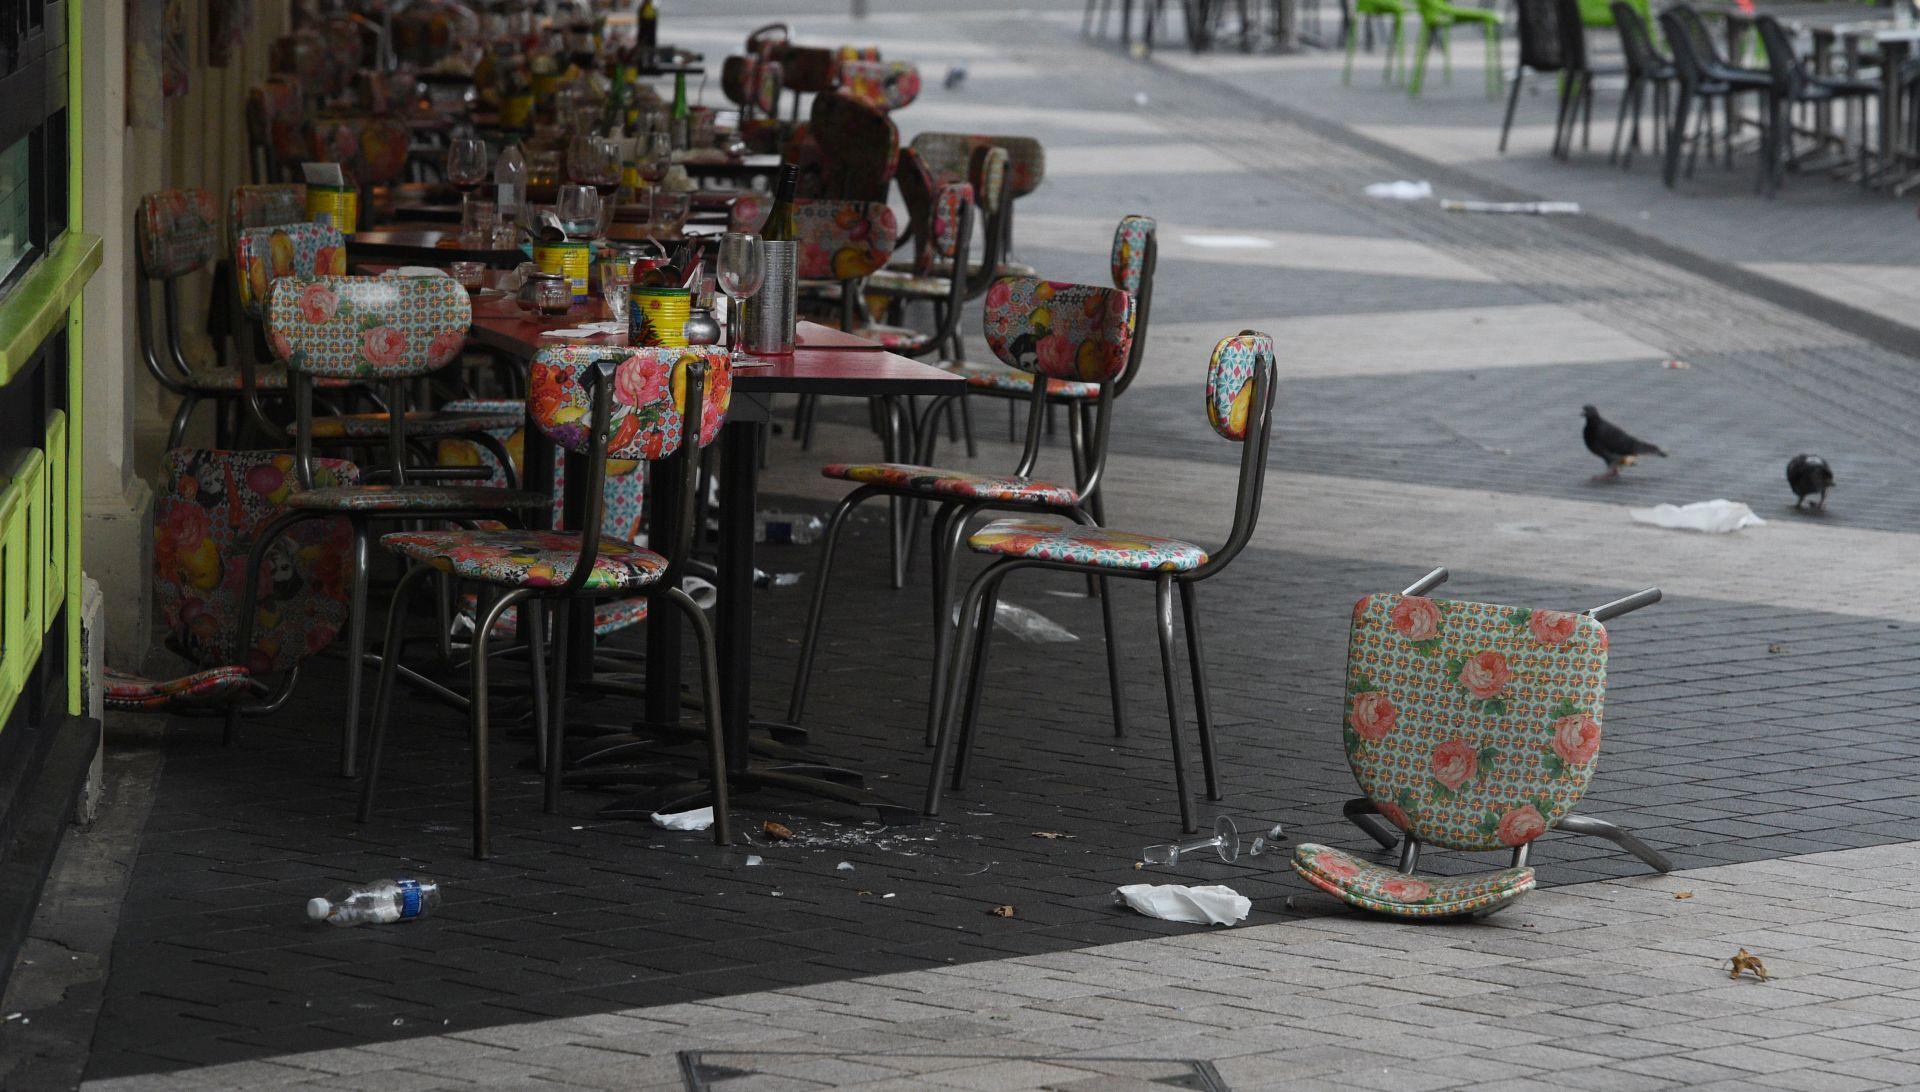 ZASADA ISKLJUČUJU TERORIZAM U Londonu uhićen muškarac nakon nesreće s 11 ranjenih